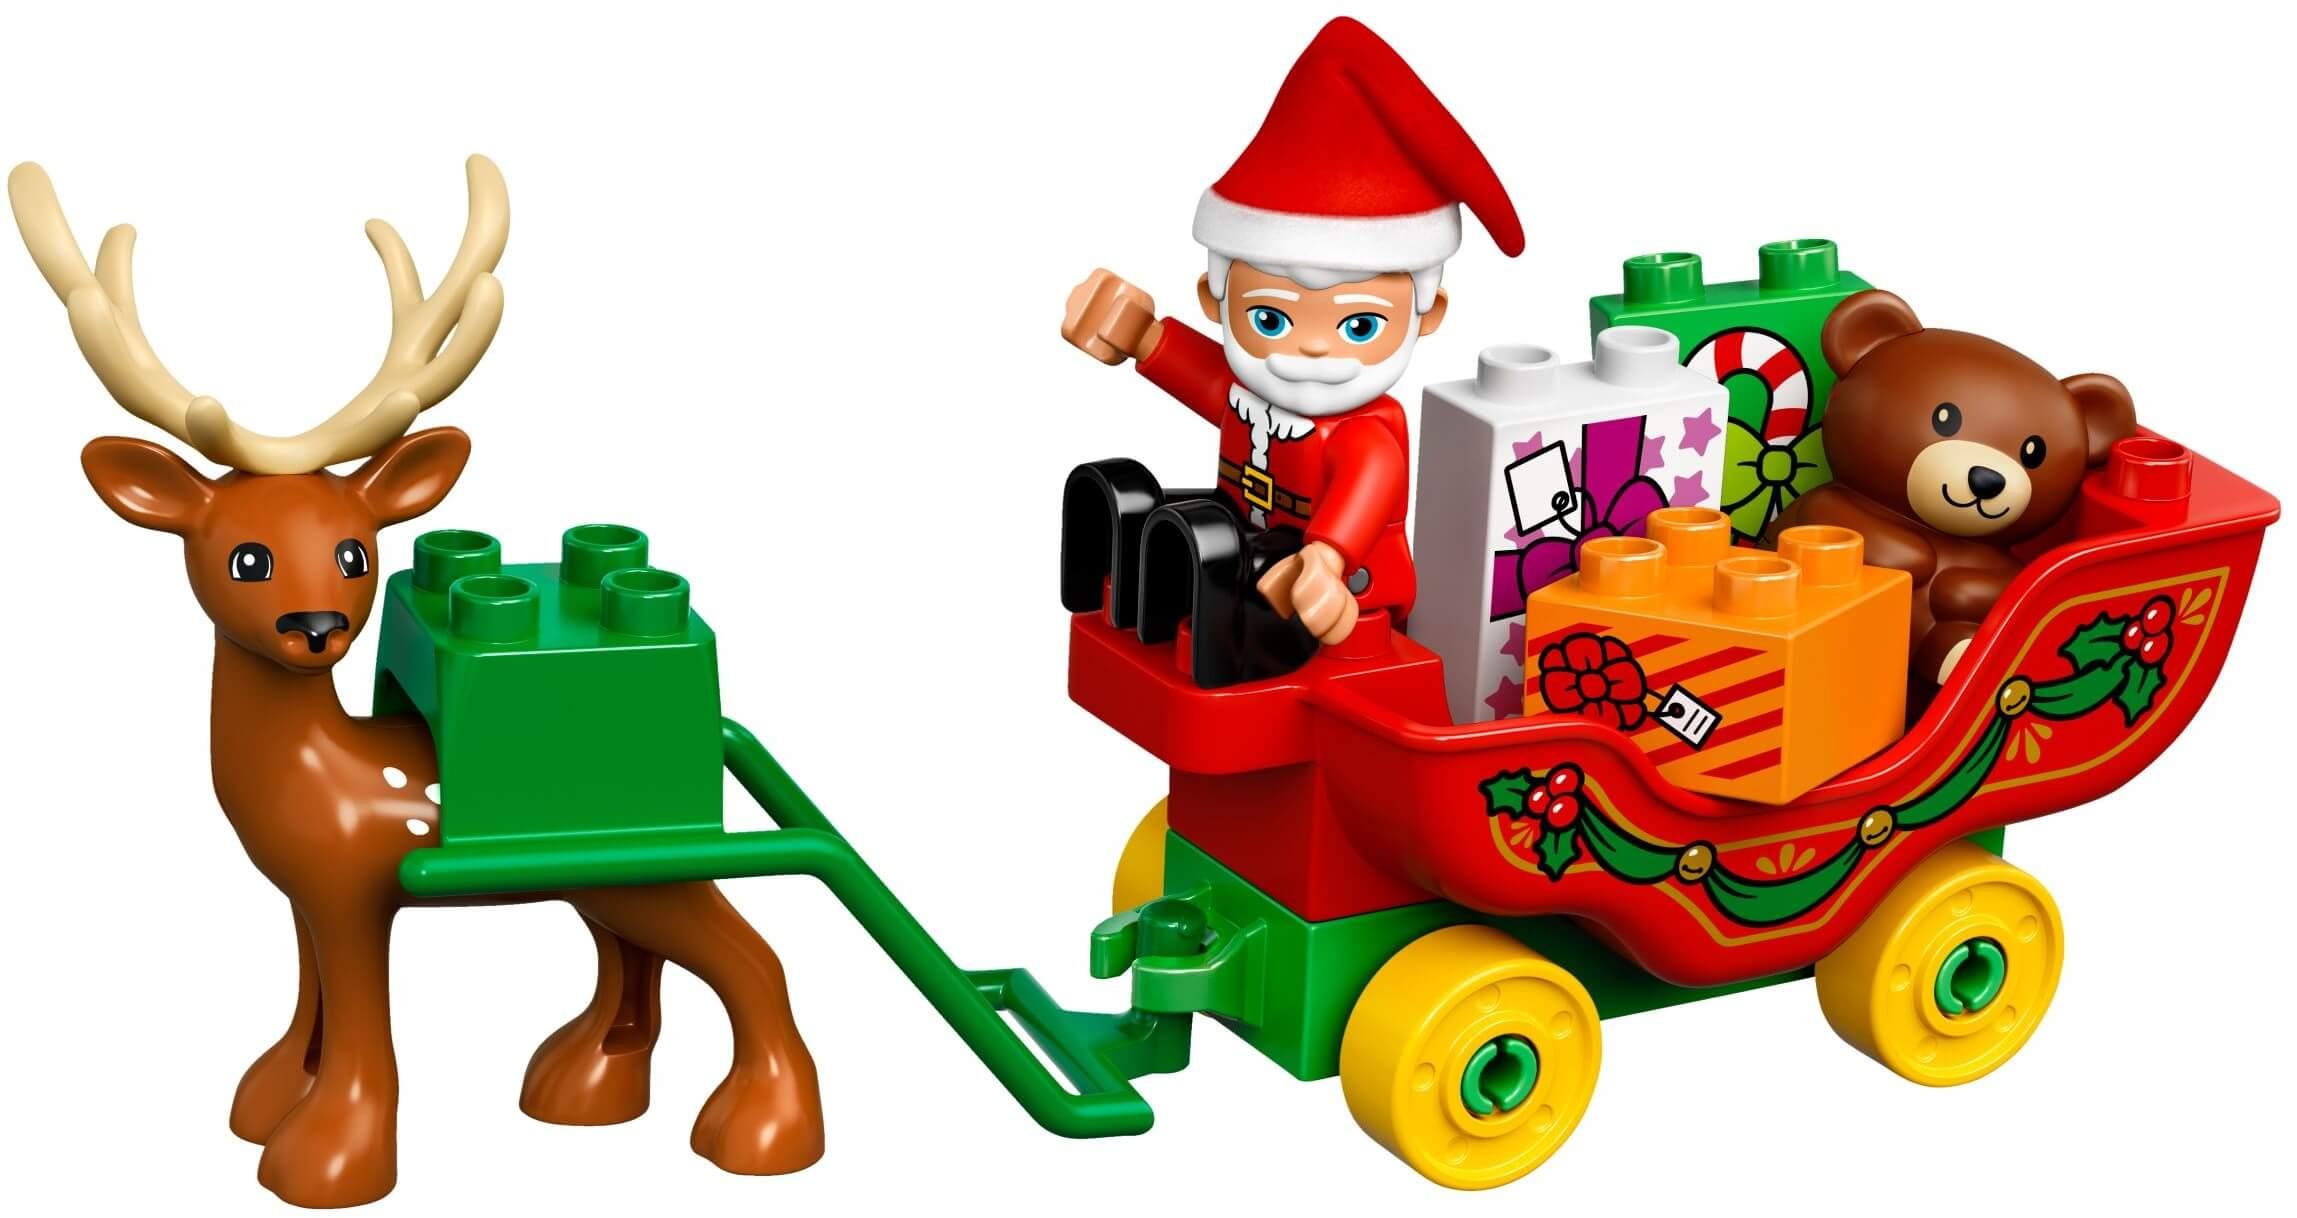 Mua đồ chơi LEGO 10837 - LEGO Duplo 10837 - Ông Già Noel và Cỗ Xe Tuần Lộc (LEGO Duplo Santa's Winter Holiday)